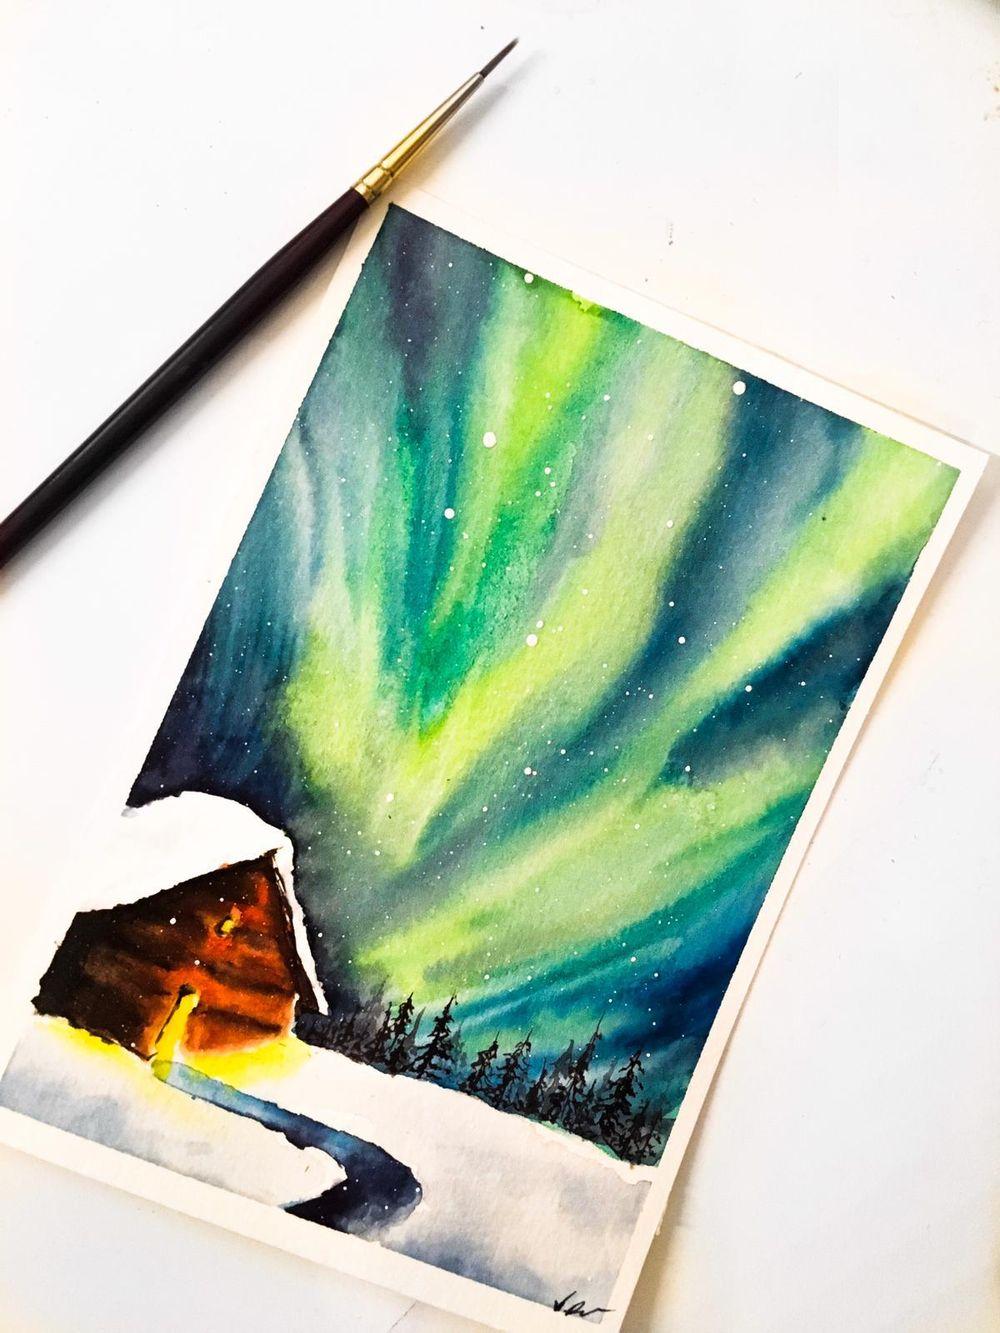 Vivis Landscapes - image 2 - student project